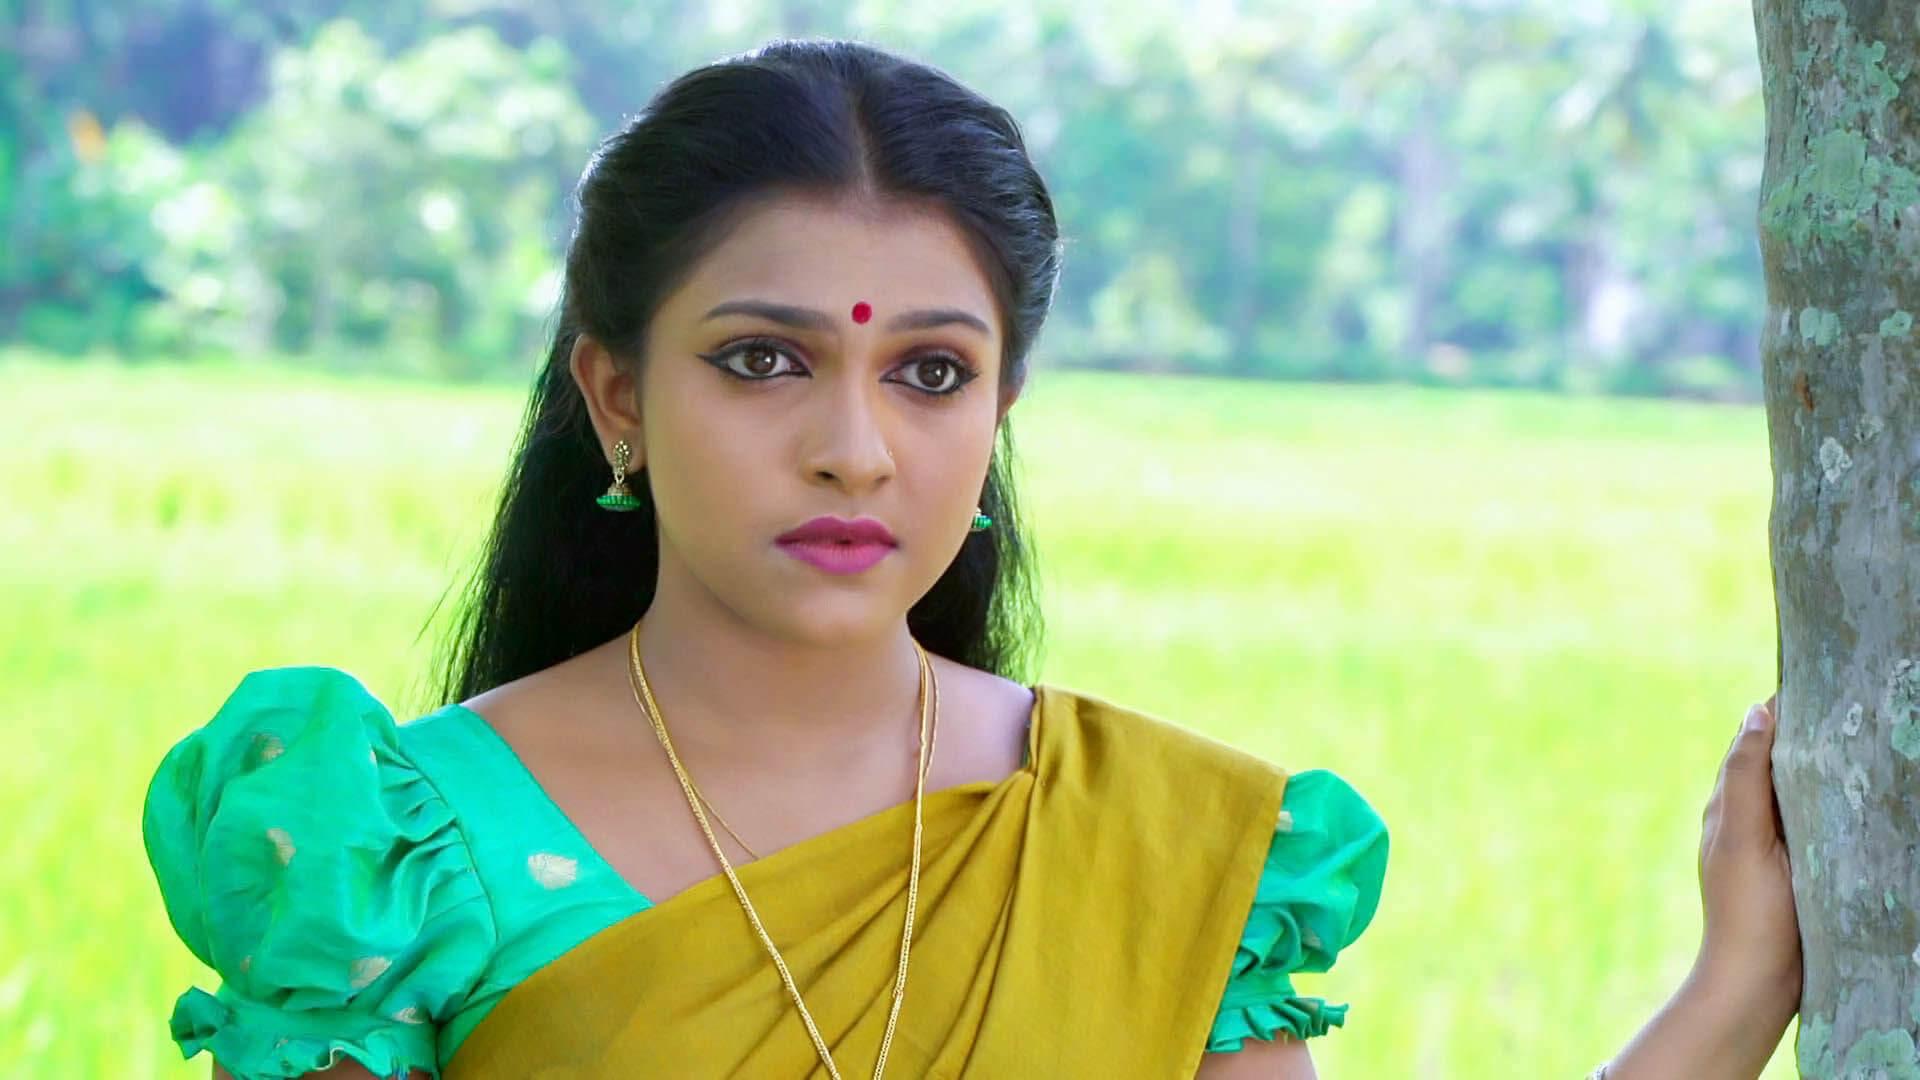 Malayalam Actress Arya Image: Arya Parvathy Serial Actress